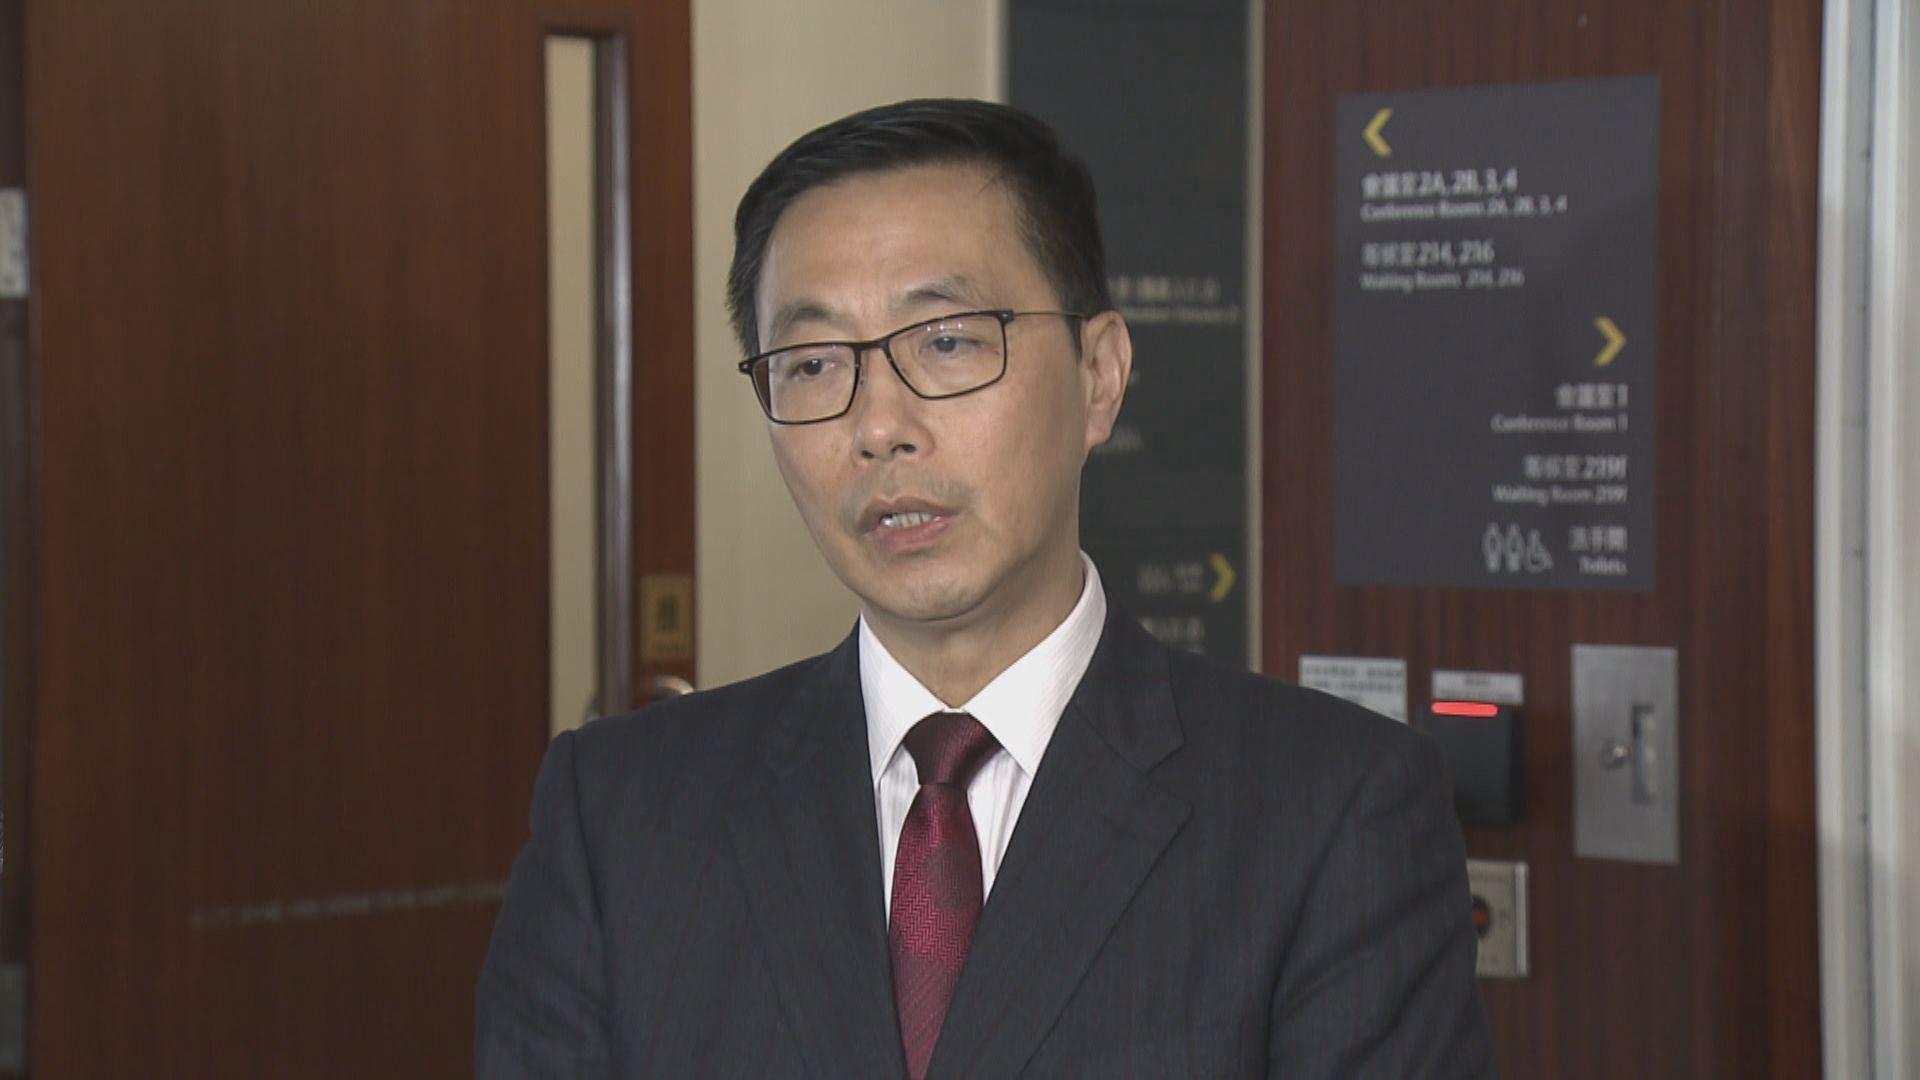 楊潤雄︰可取消校長資格言論僅屬表達其可運用權力